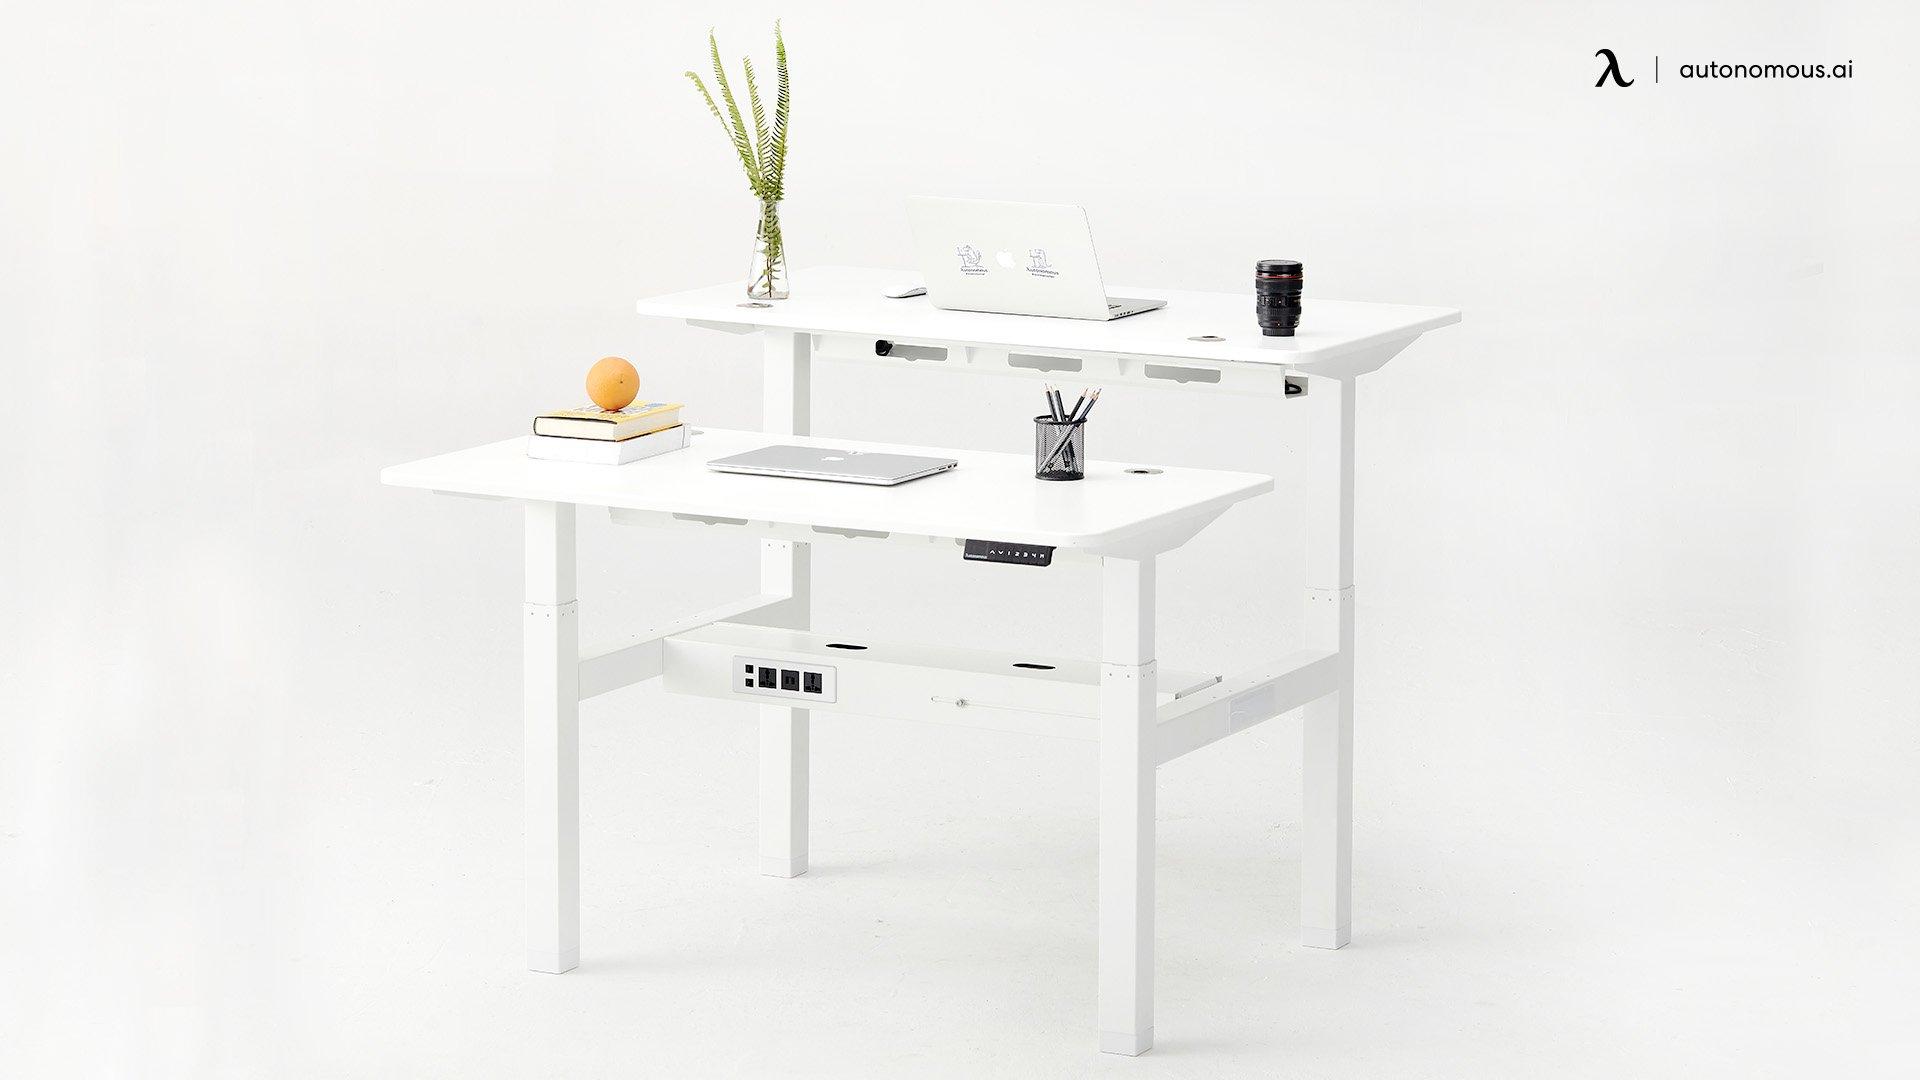 White Double Desk from Autonomous